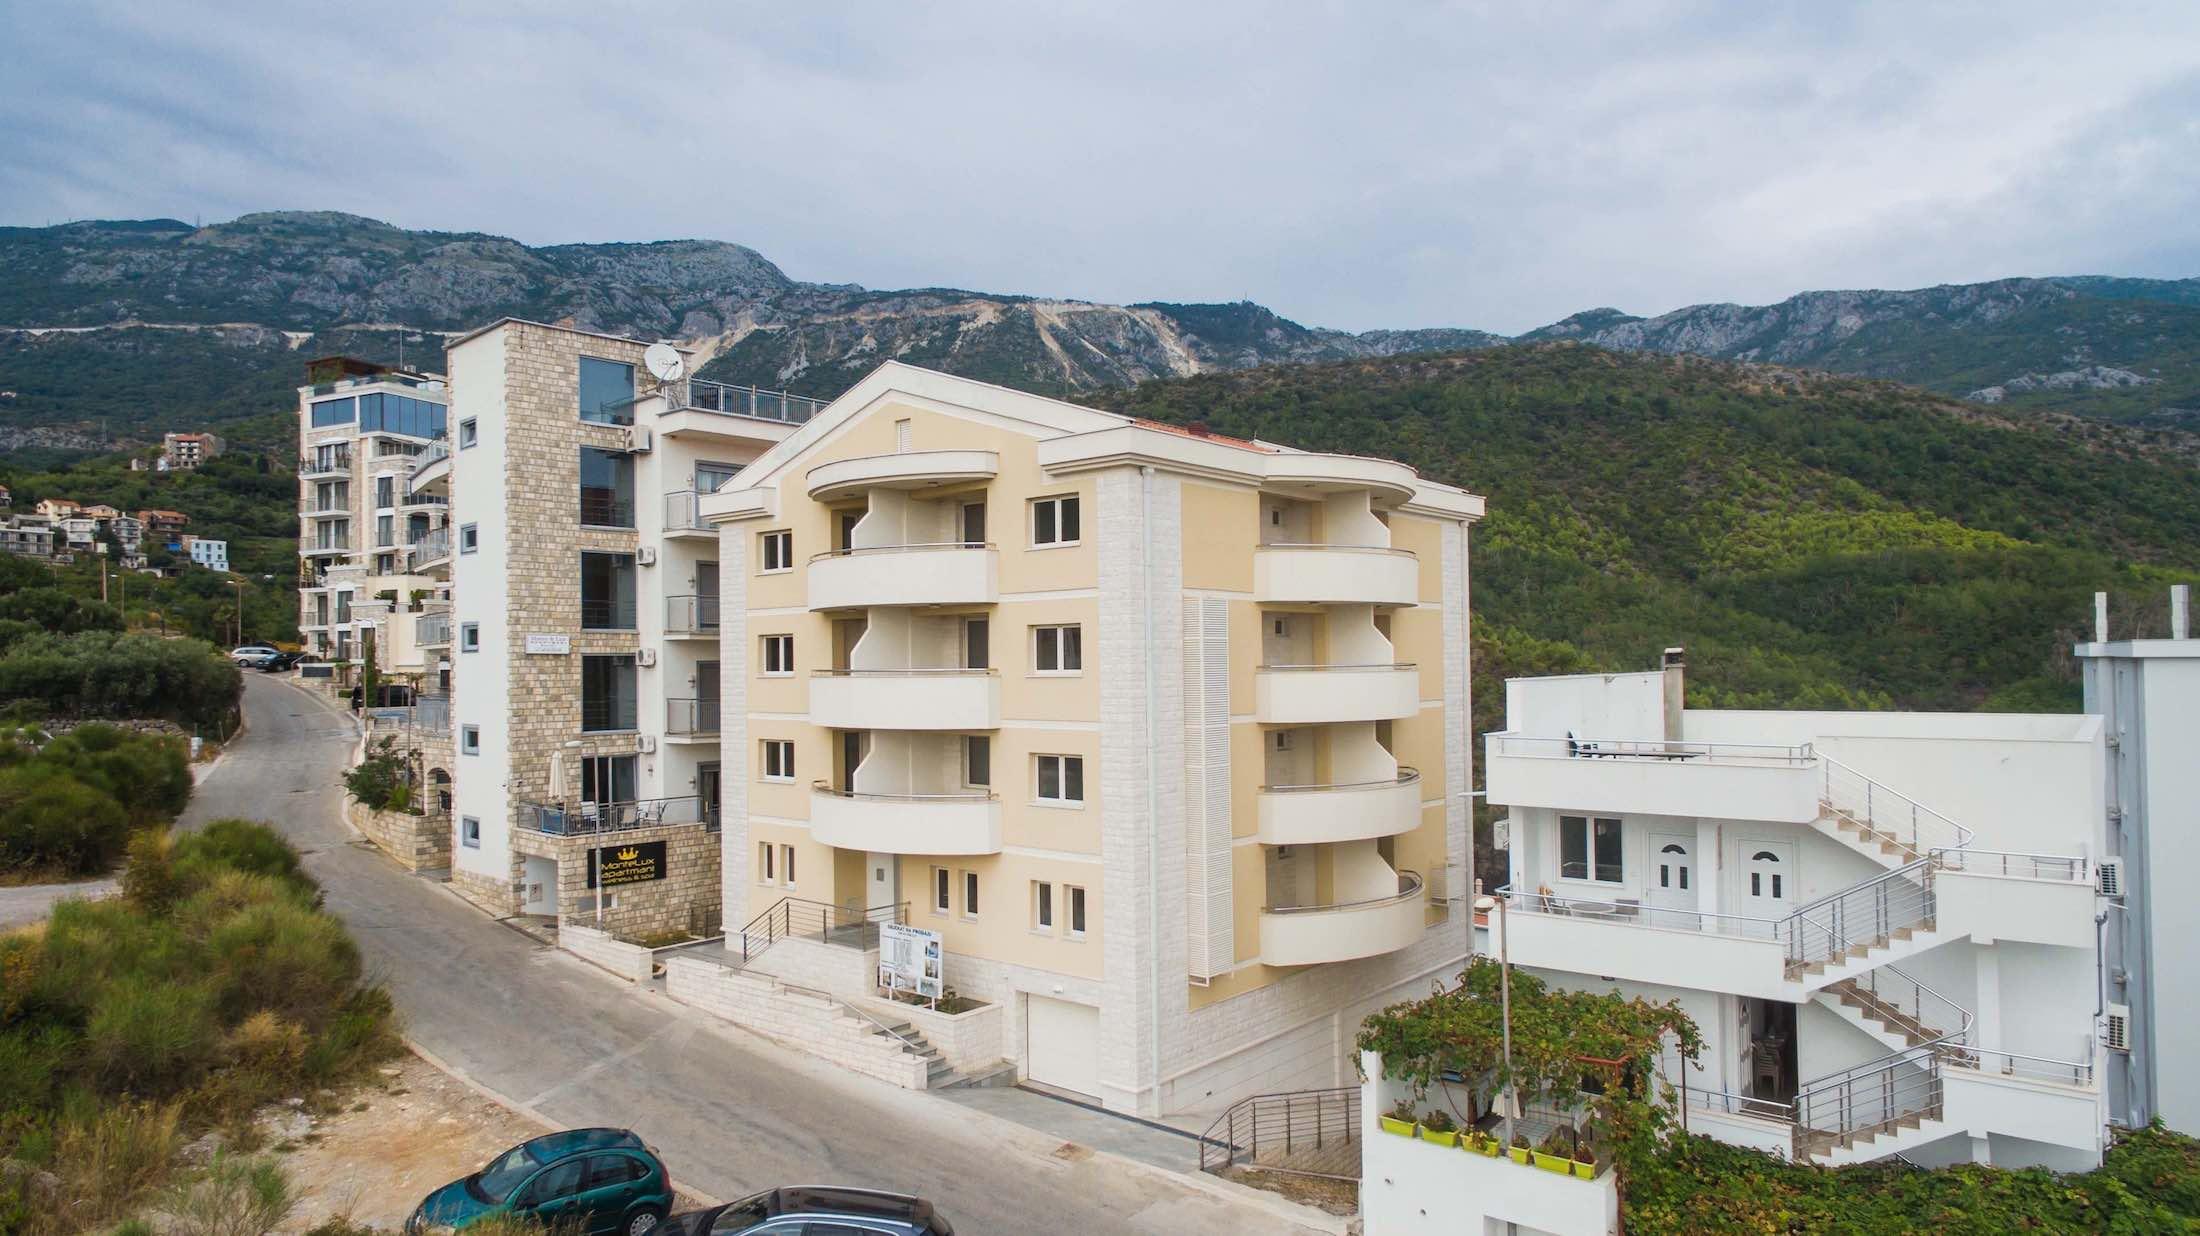 IVANOVICI ANATOLIA доходная недвижимость в черногории Бечичи Будва42.jpeg